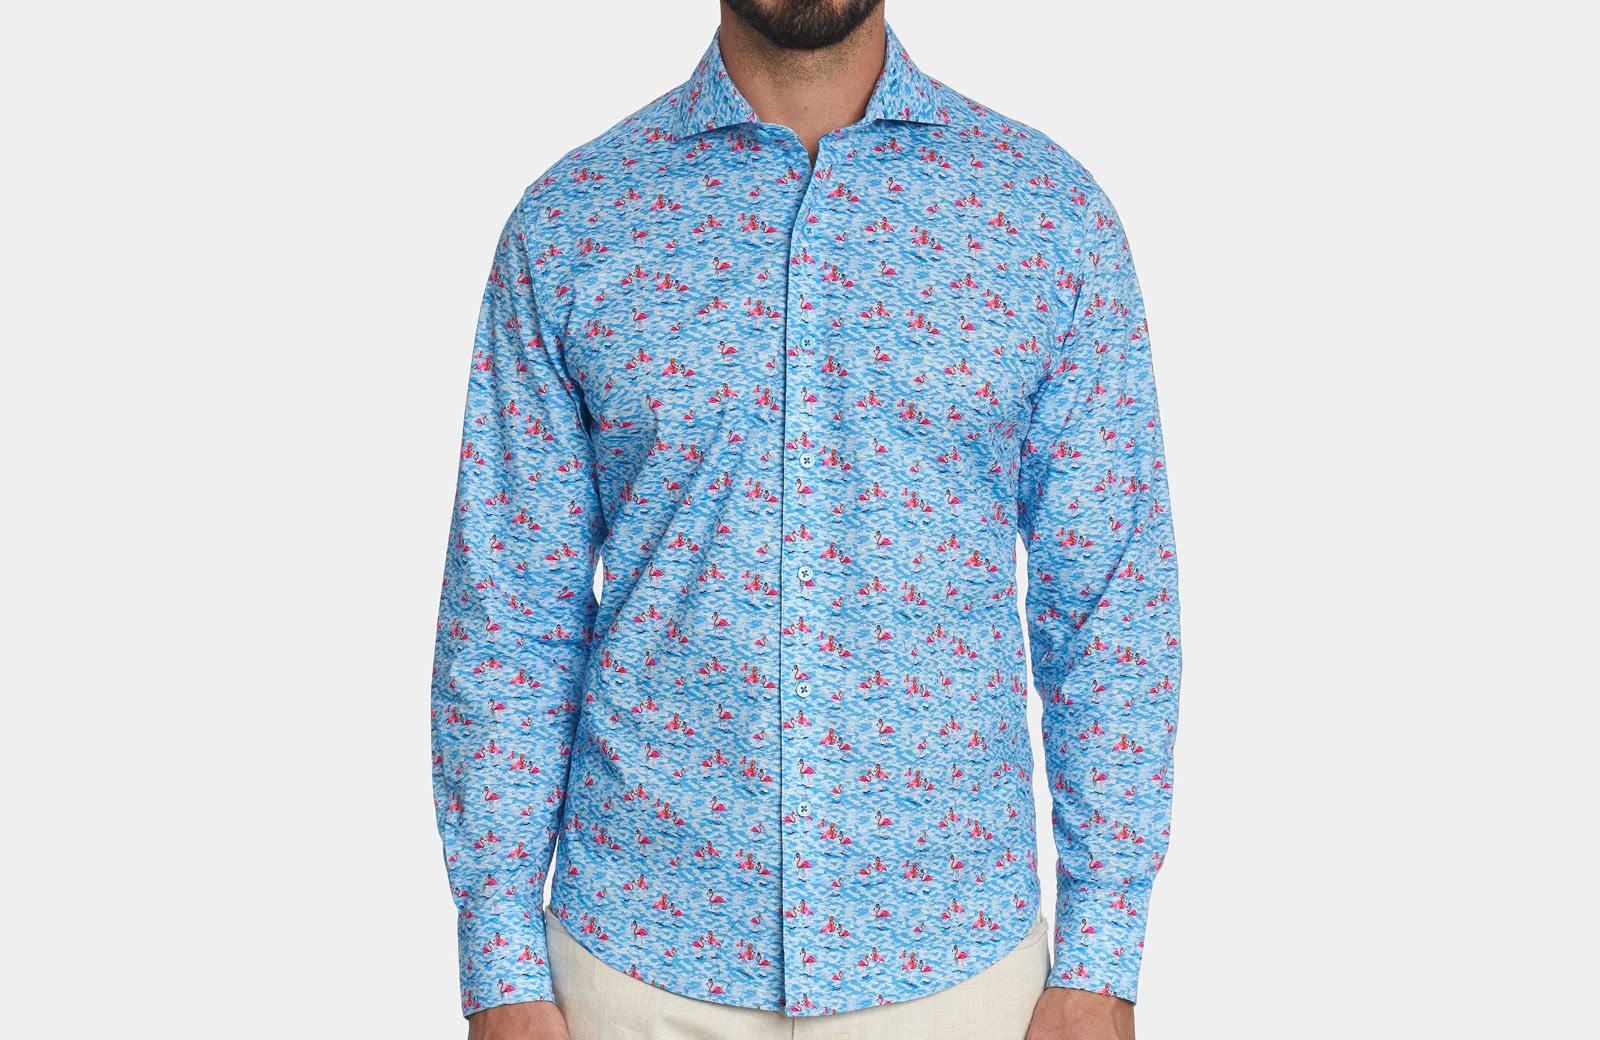 Robert Graham best men summer designer shirt blue sea - Luxe Digital